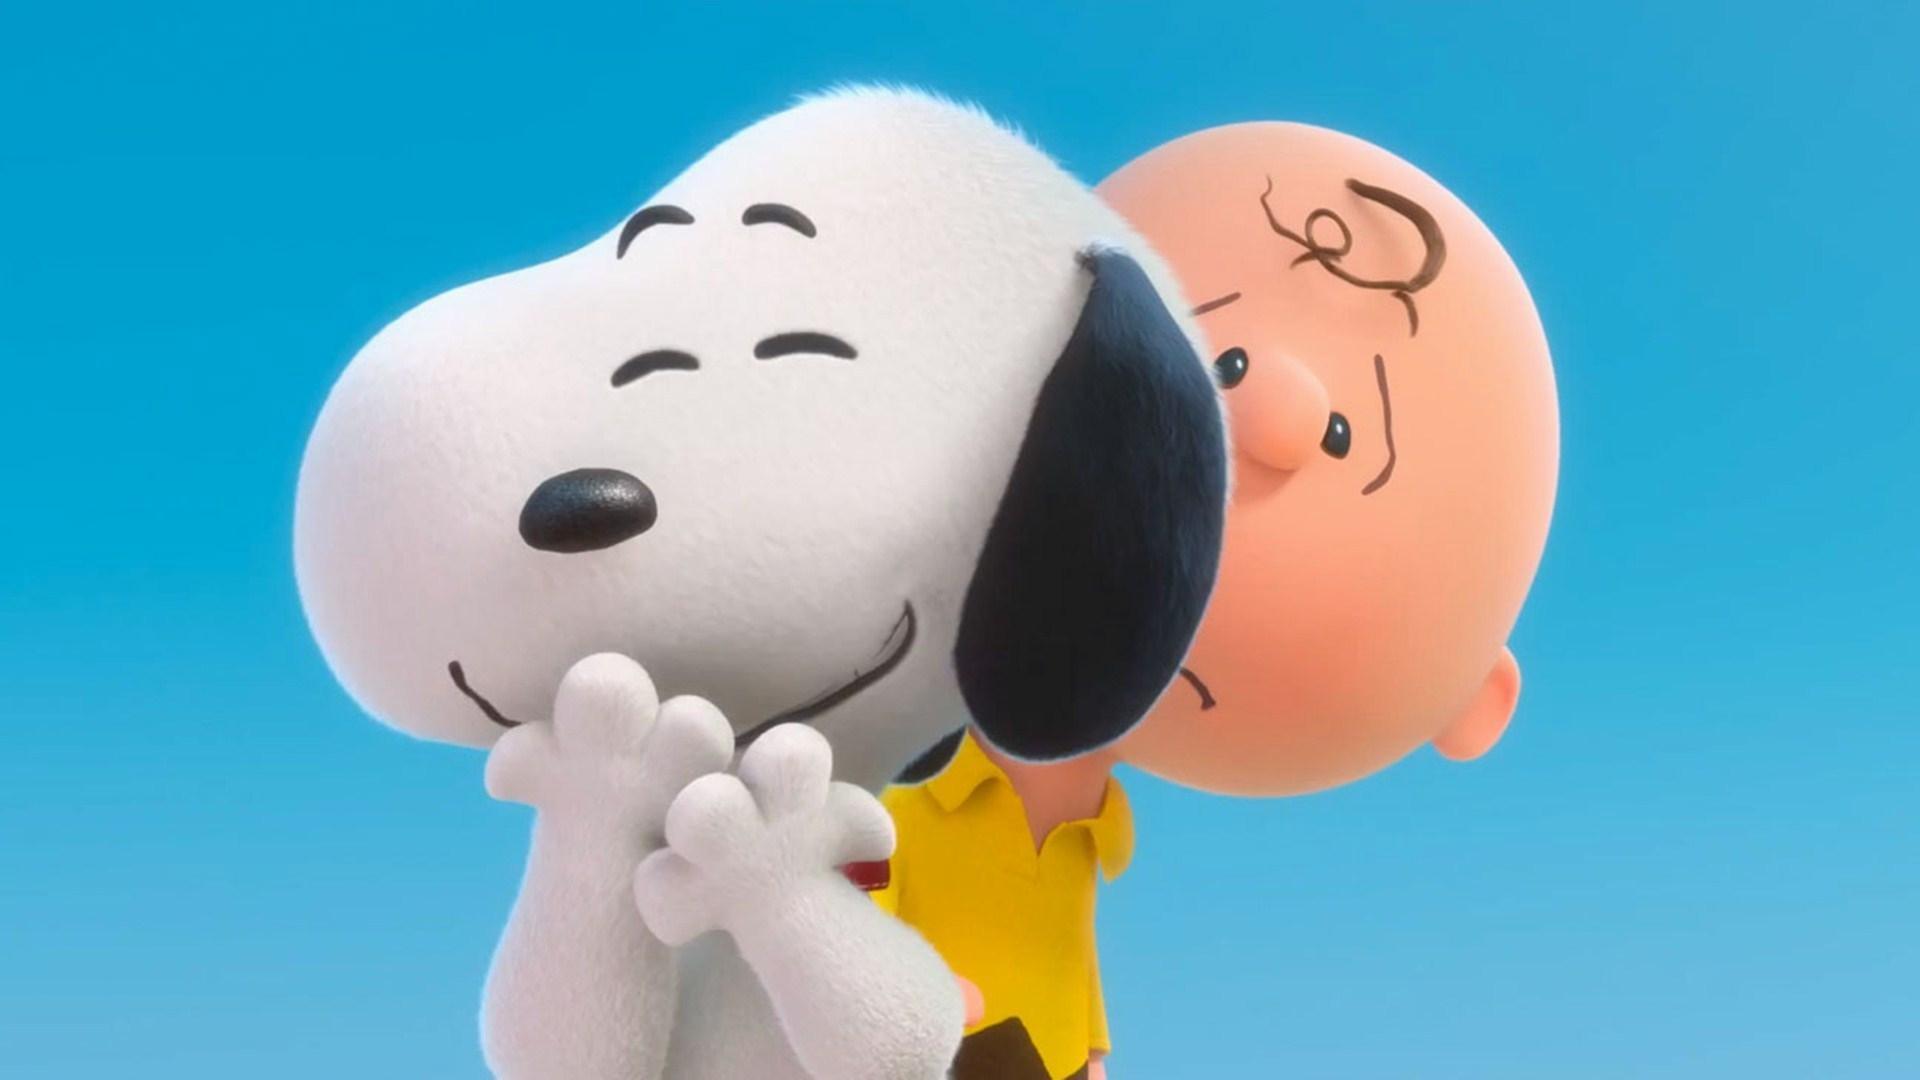 Snoopy Wallpaper Screensavers – WallpaperSafari